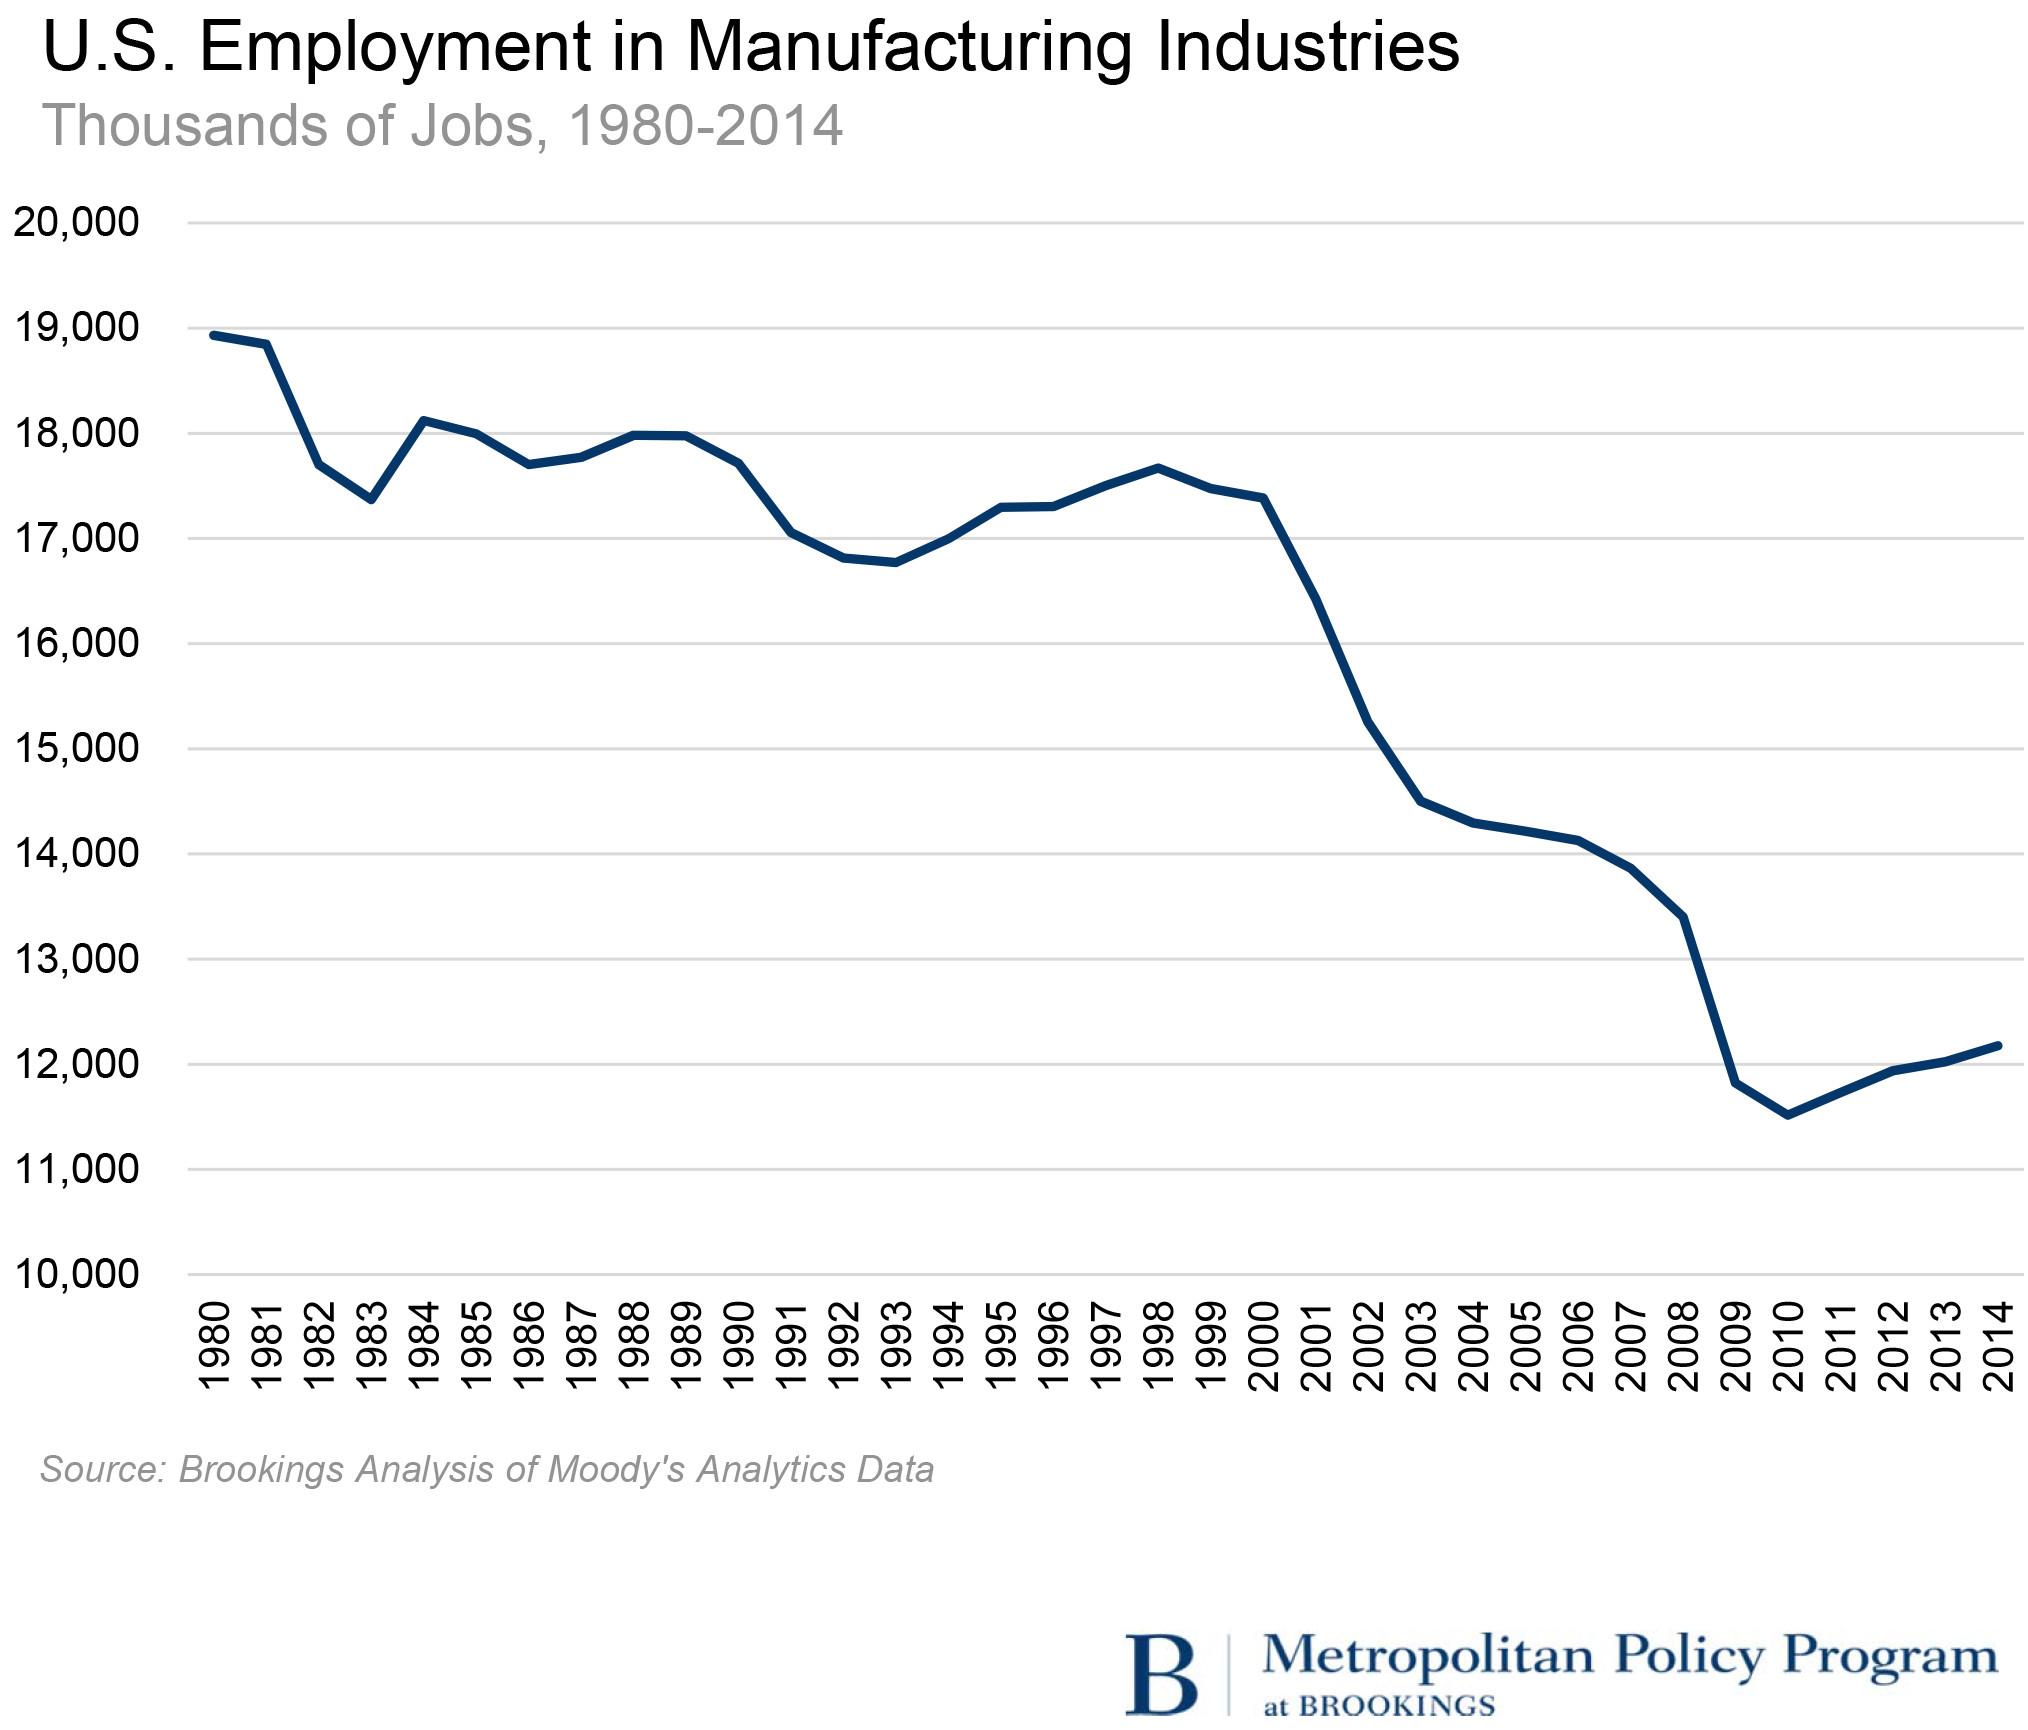 U.S. Employment in Manufacturing